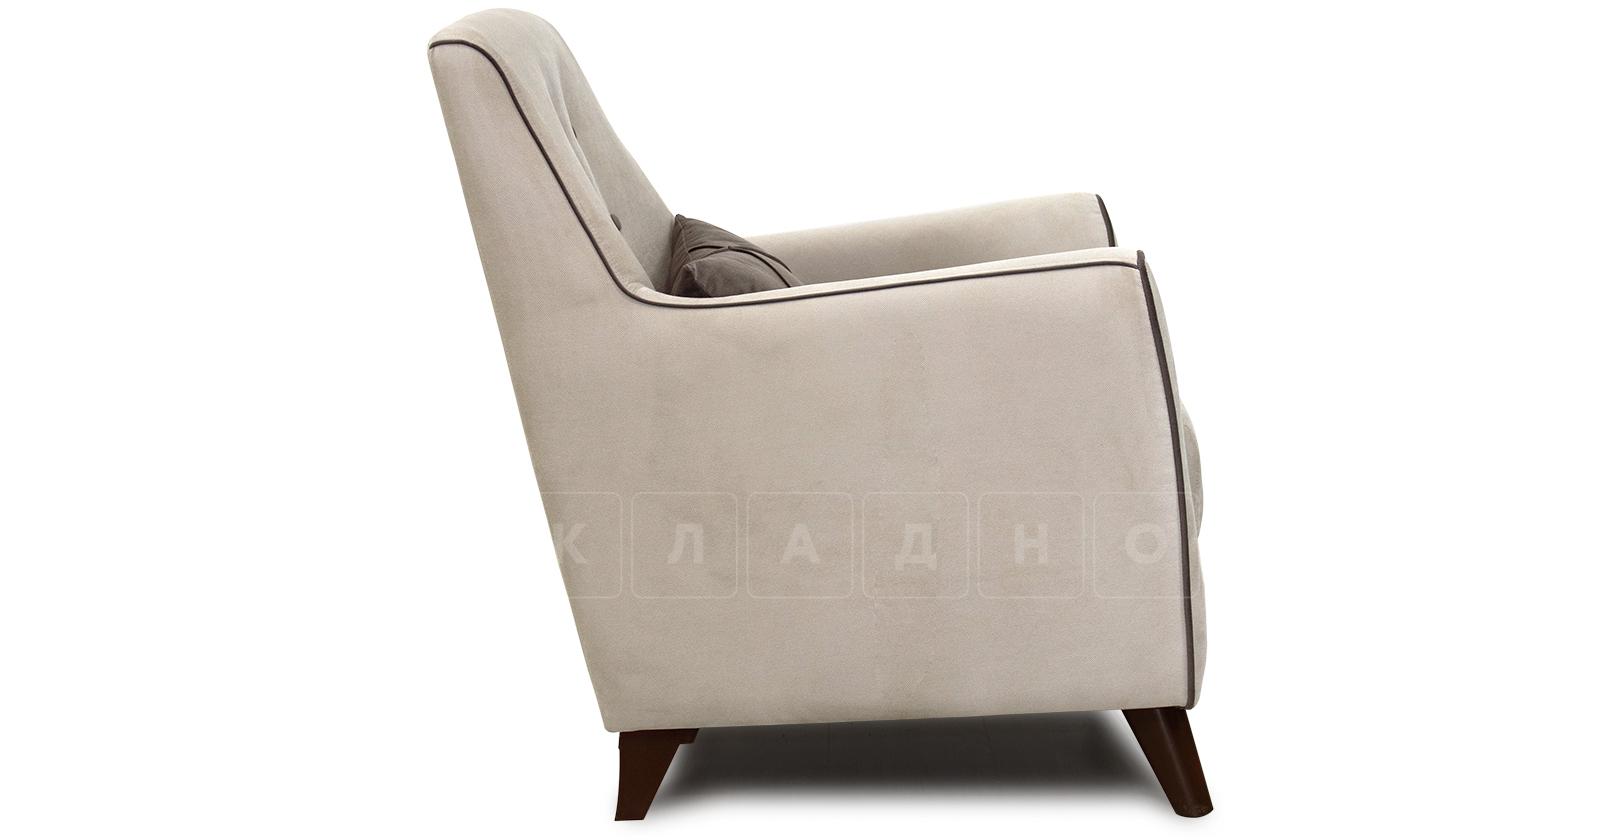 Кресло для отдыха Флэтфорд серо-бежевый фото 3 | интернет-магазин Складно